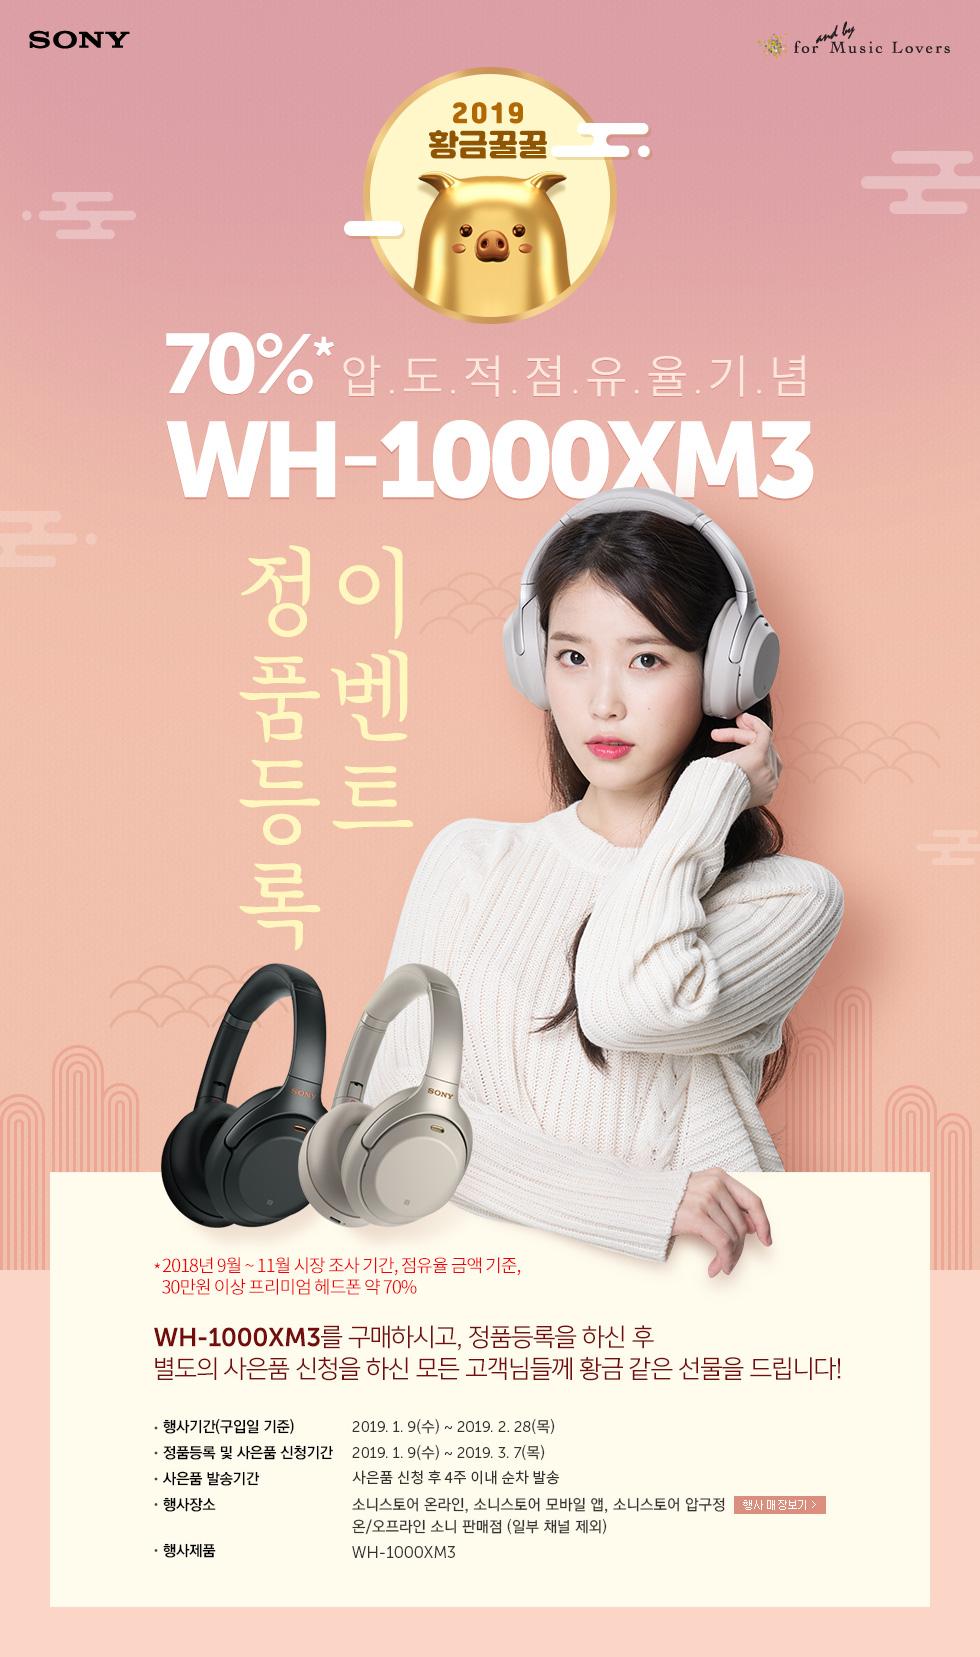 2019 황금꿀꿀 WH-1000XM3 정품등록 이벤트